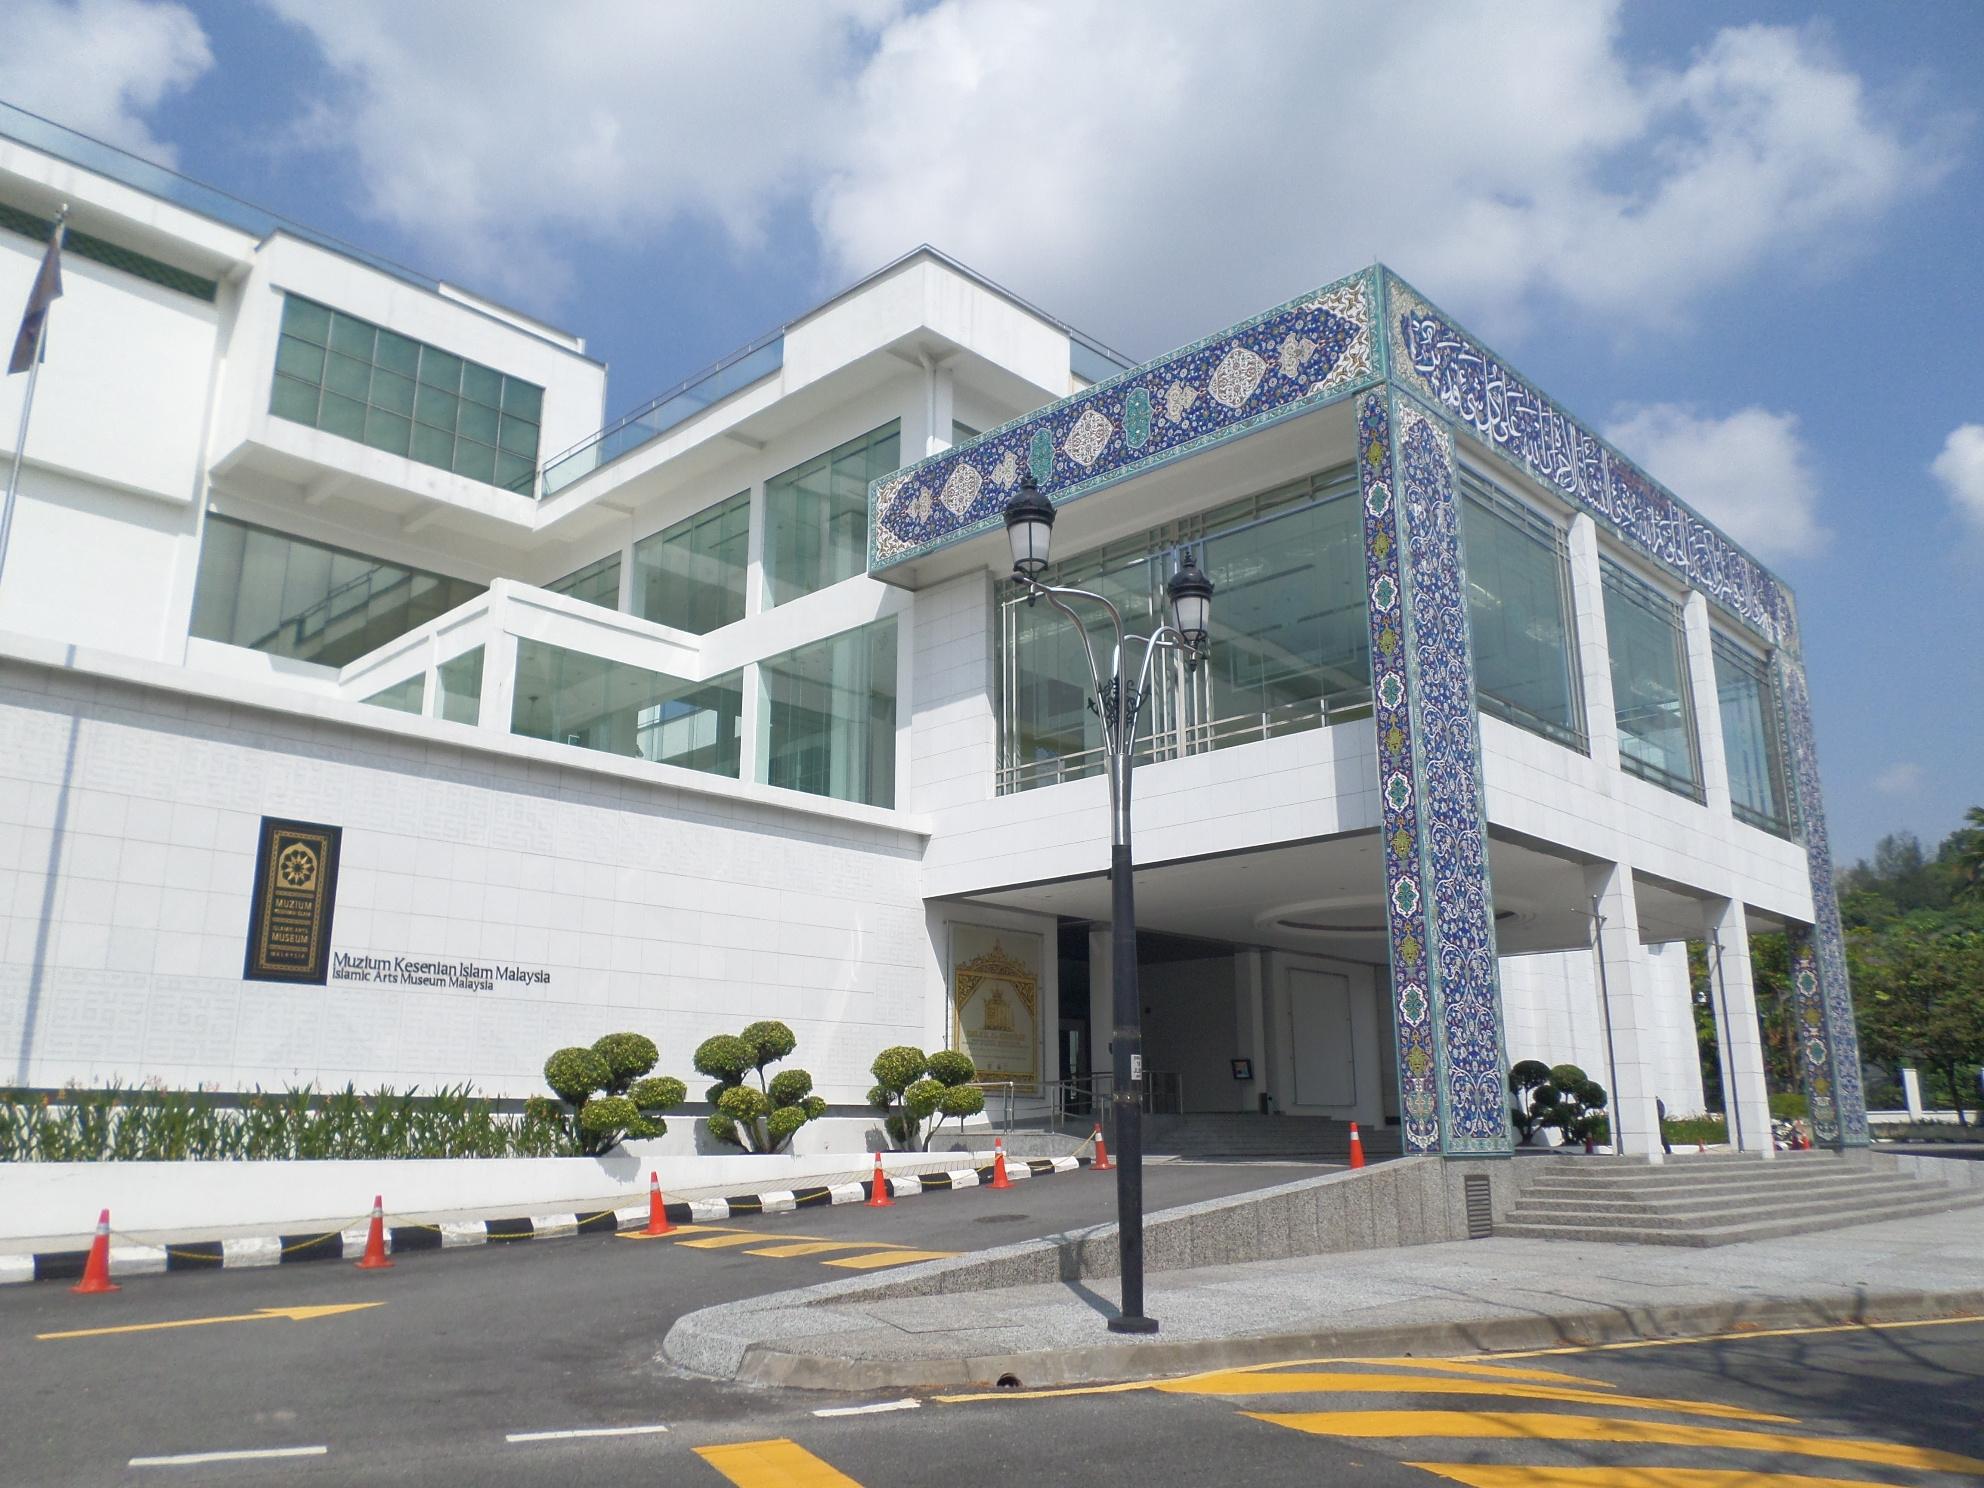 الاماكن السياحيه ماليزيا كوالالمبور متحف الفن الاسلامي